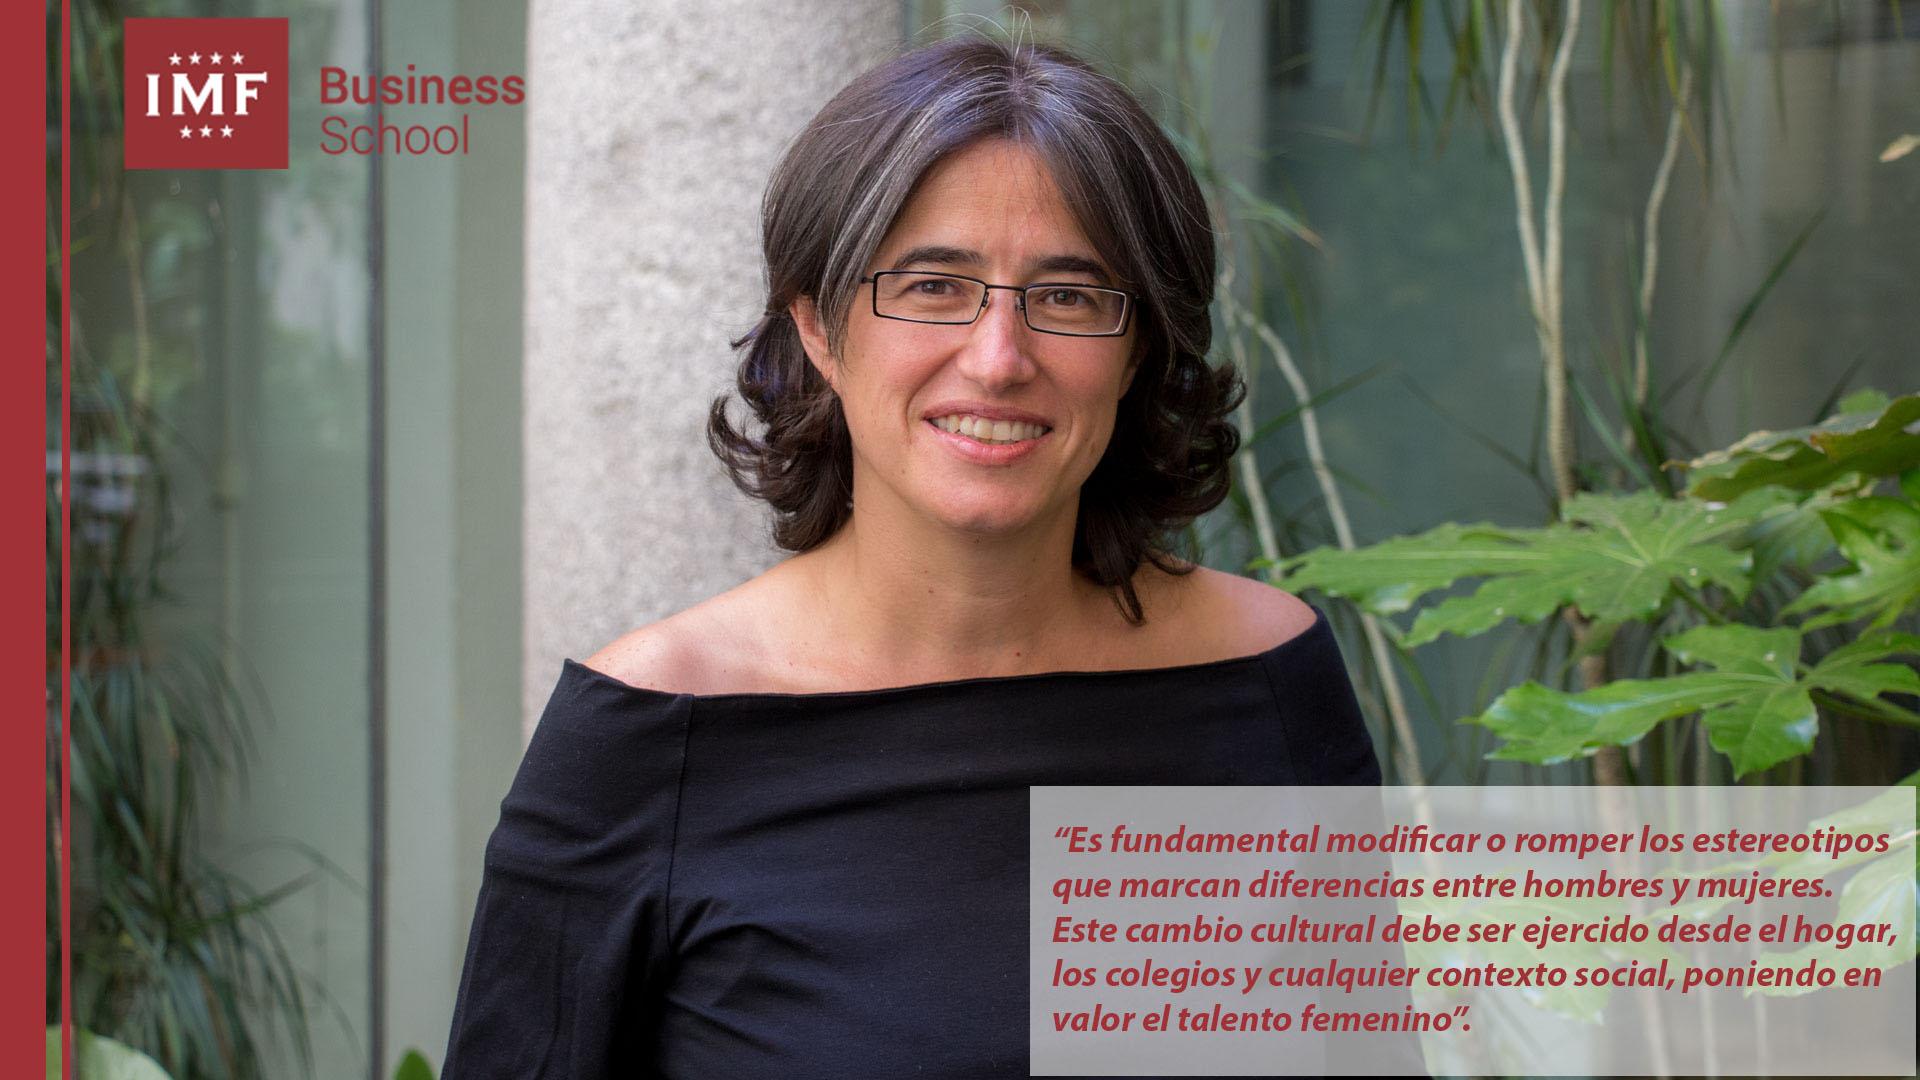 Belen_Arcones_entrevista_stem Mujeres en profesiones STEM. ¿Dónde están? Entrevista a Belén Arcones